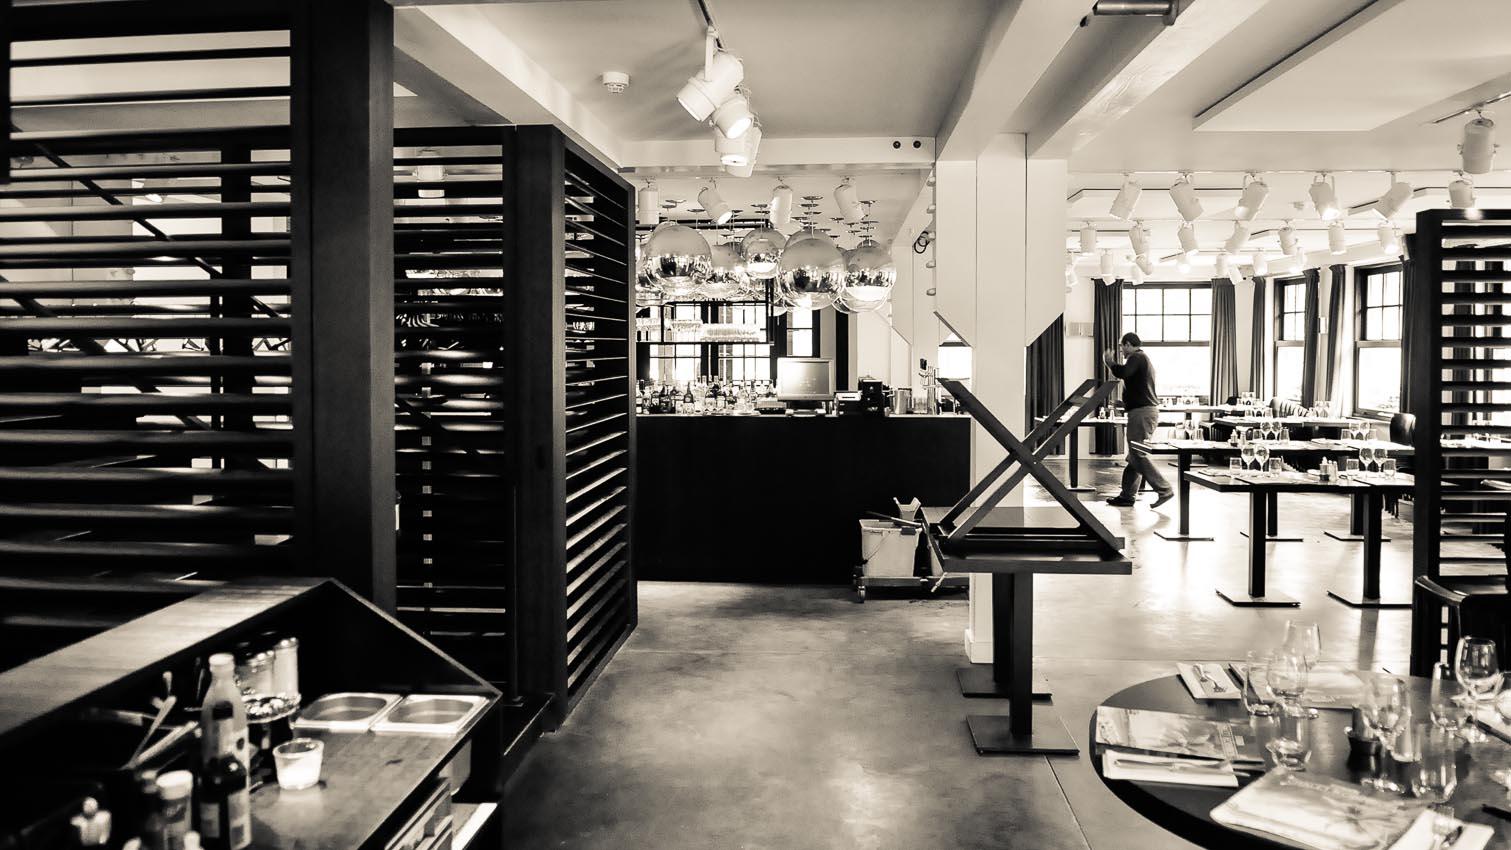 17-cafe-bar-resto-nightclub-decors-film-cinema-photo-belgium-bruxelles